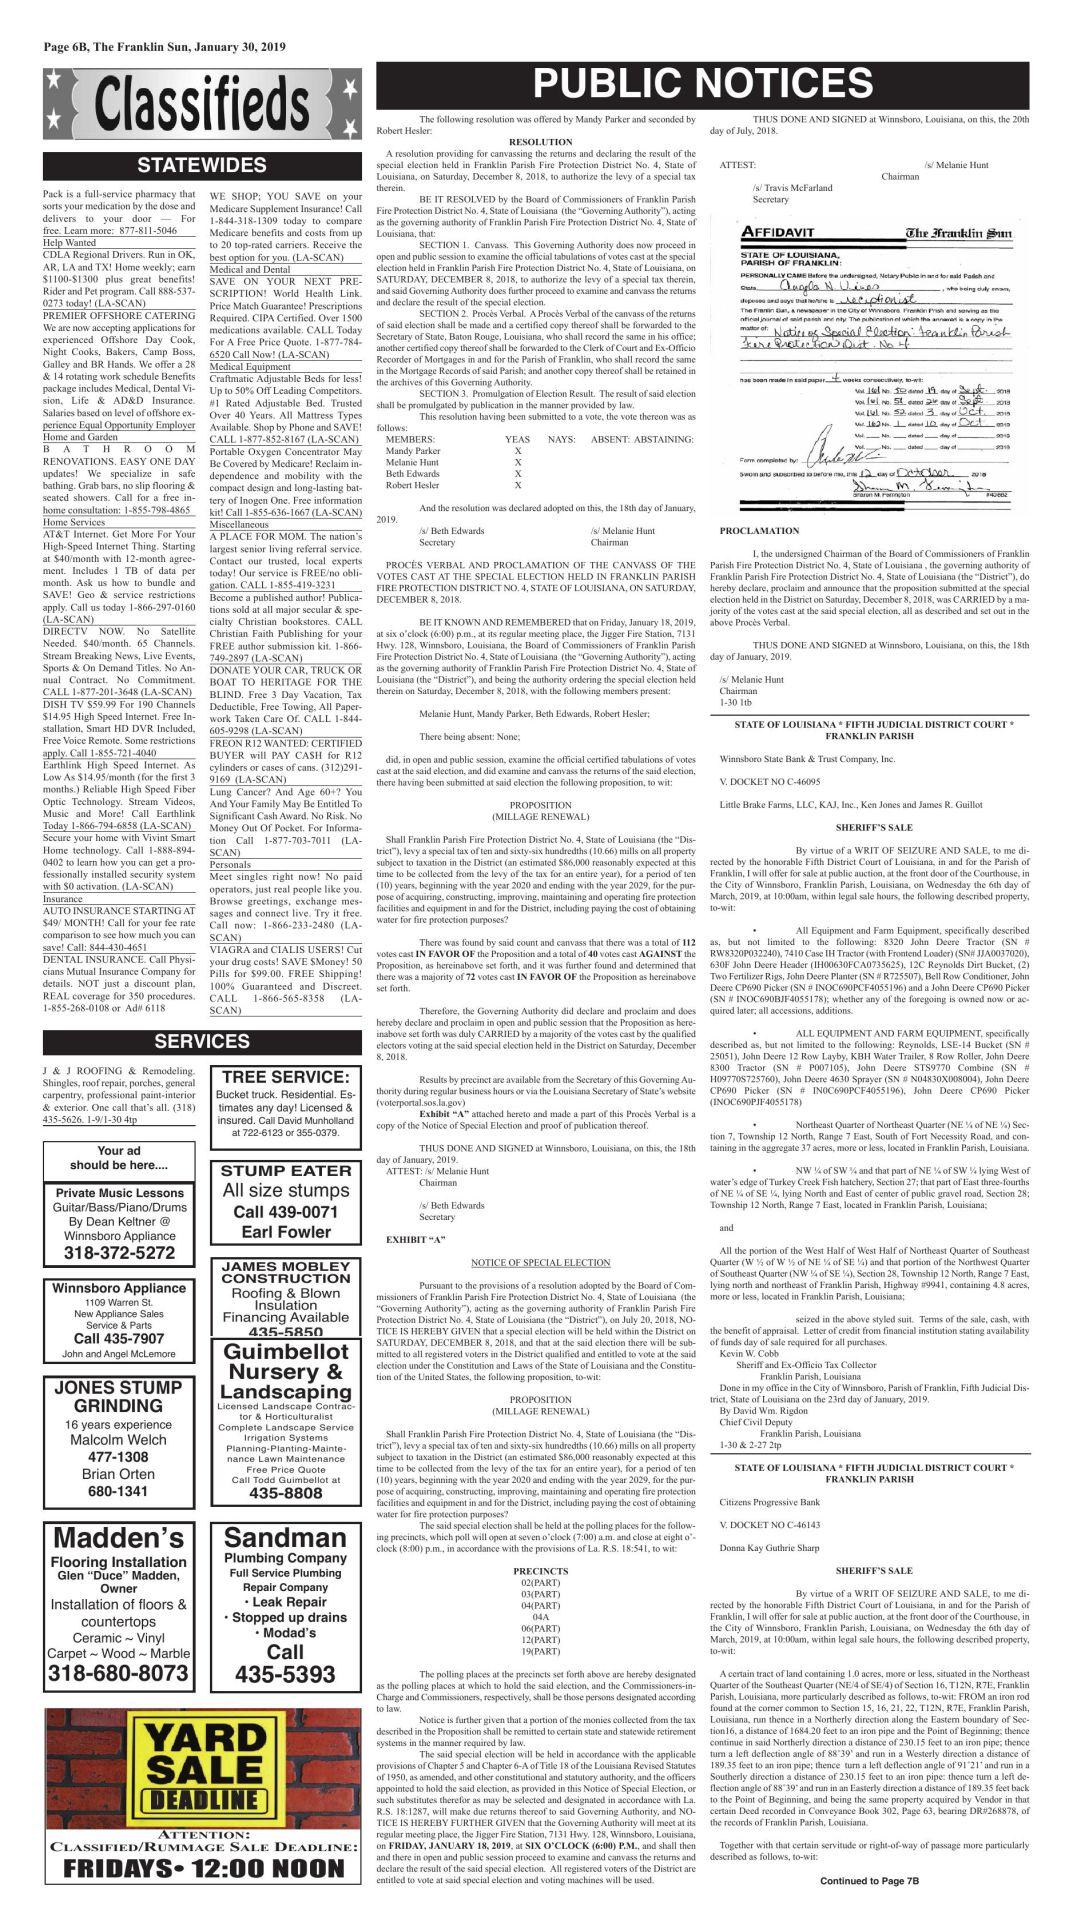 1-30 PUBLIC NOTICES